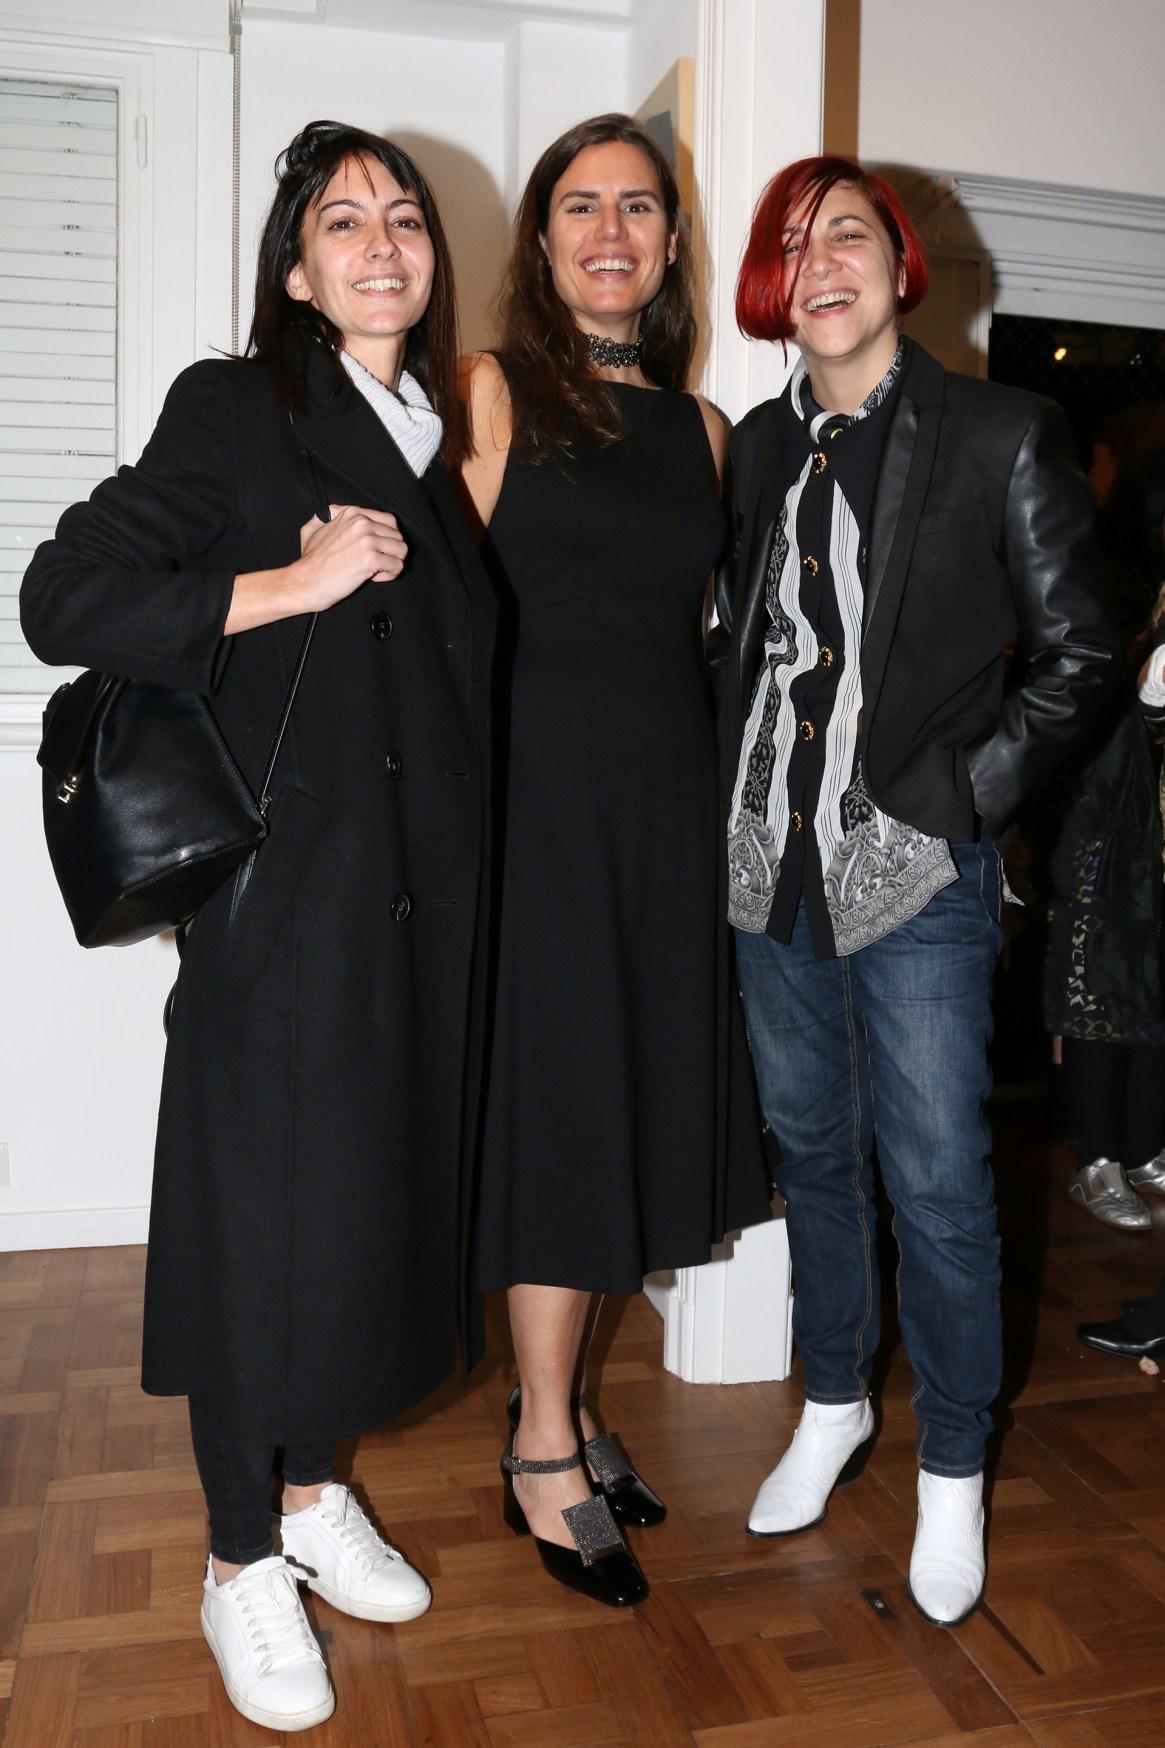 Mercedes Corte y Julia Converti de la comisión de arteBA junto a Natalia Grobocopatel